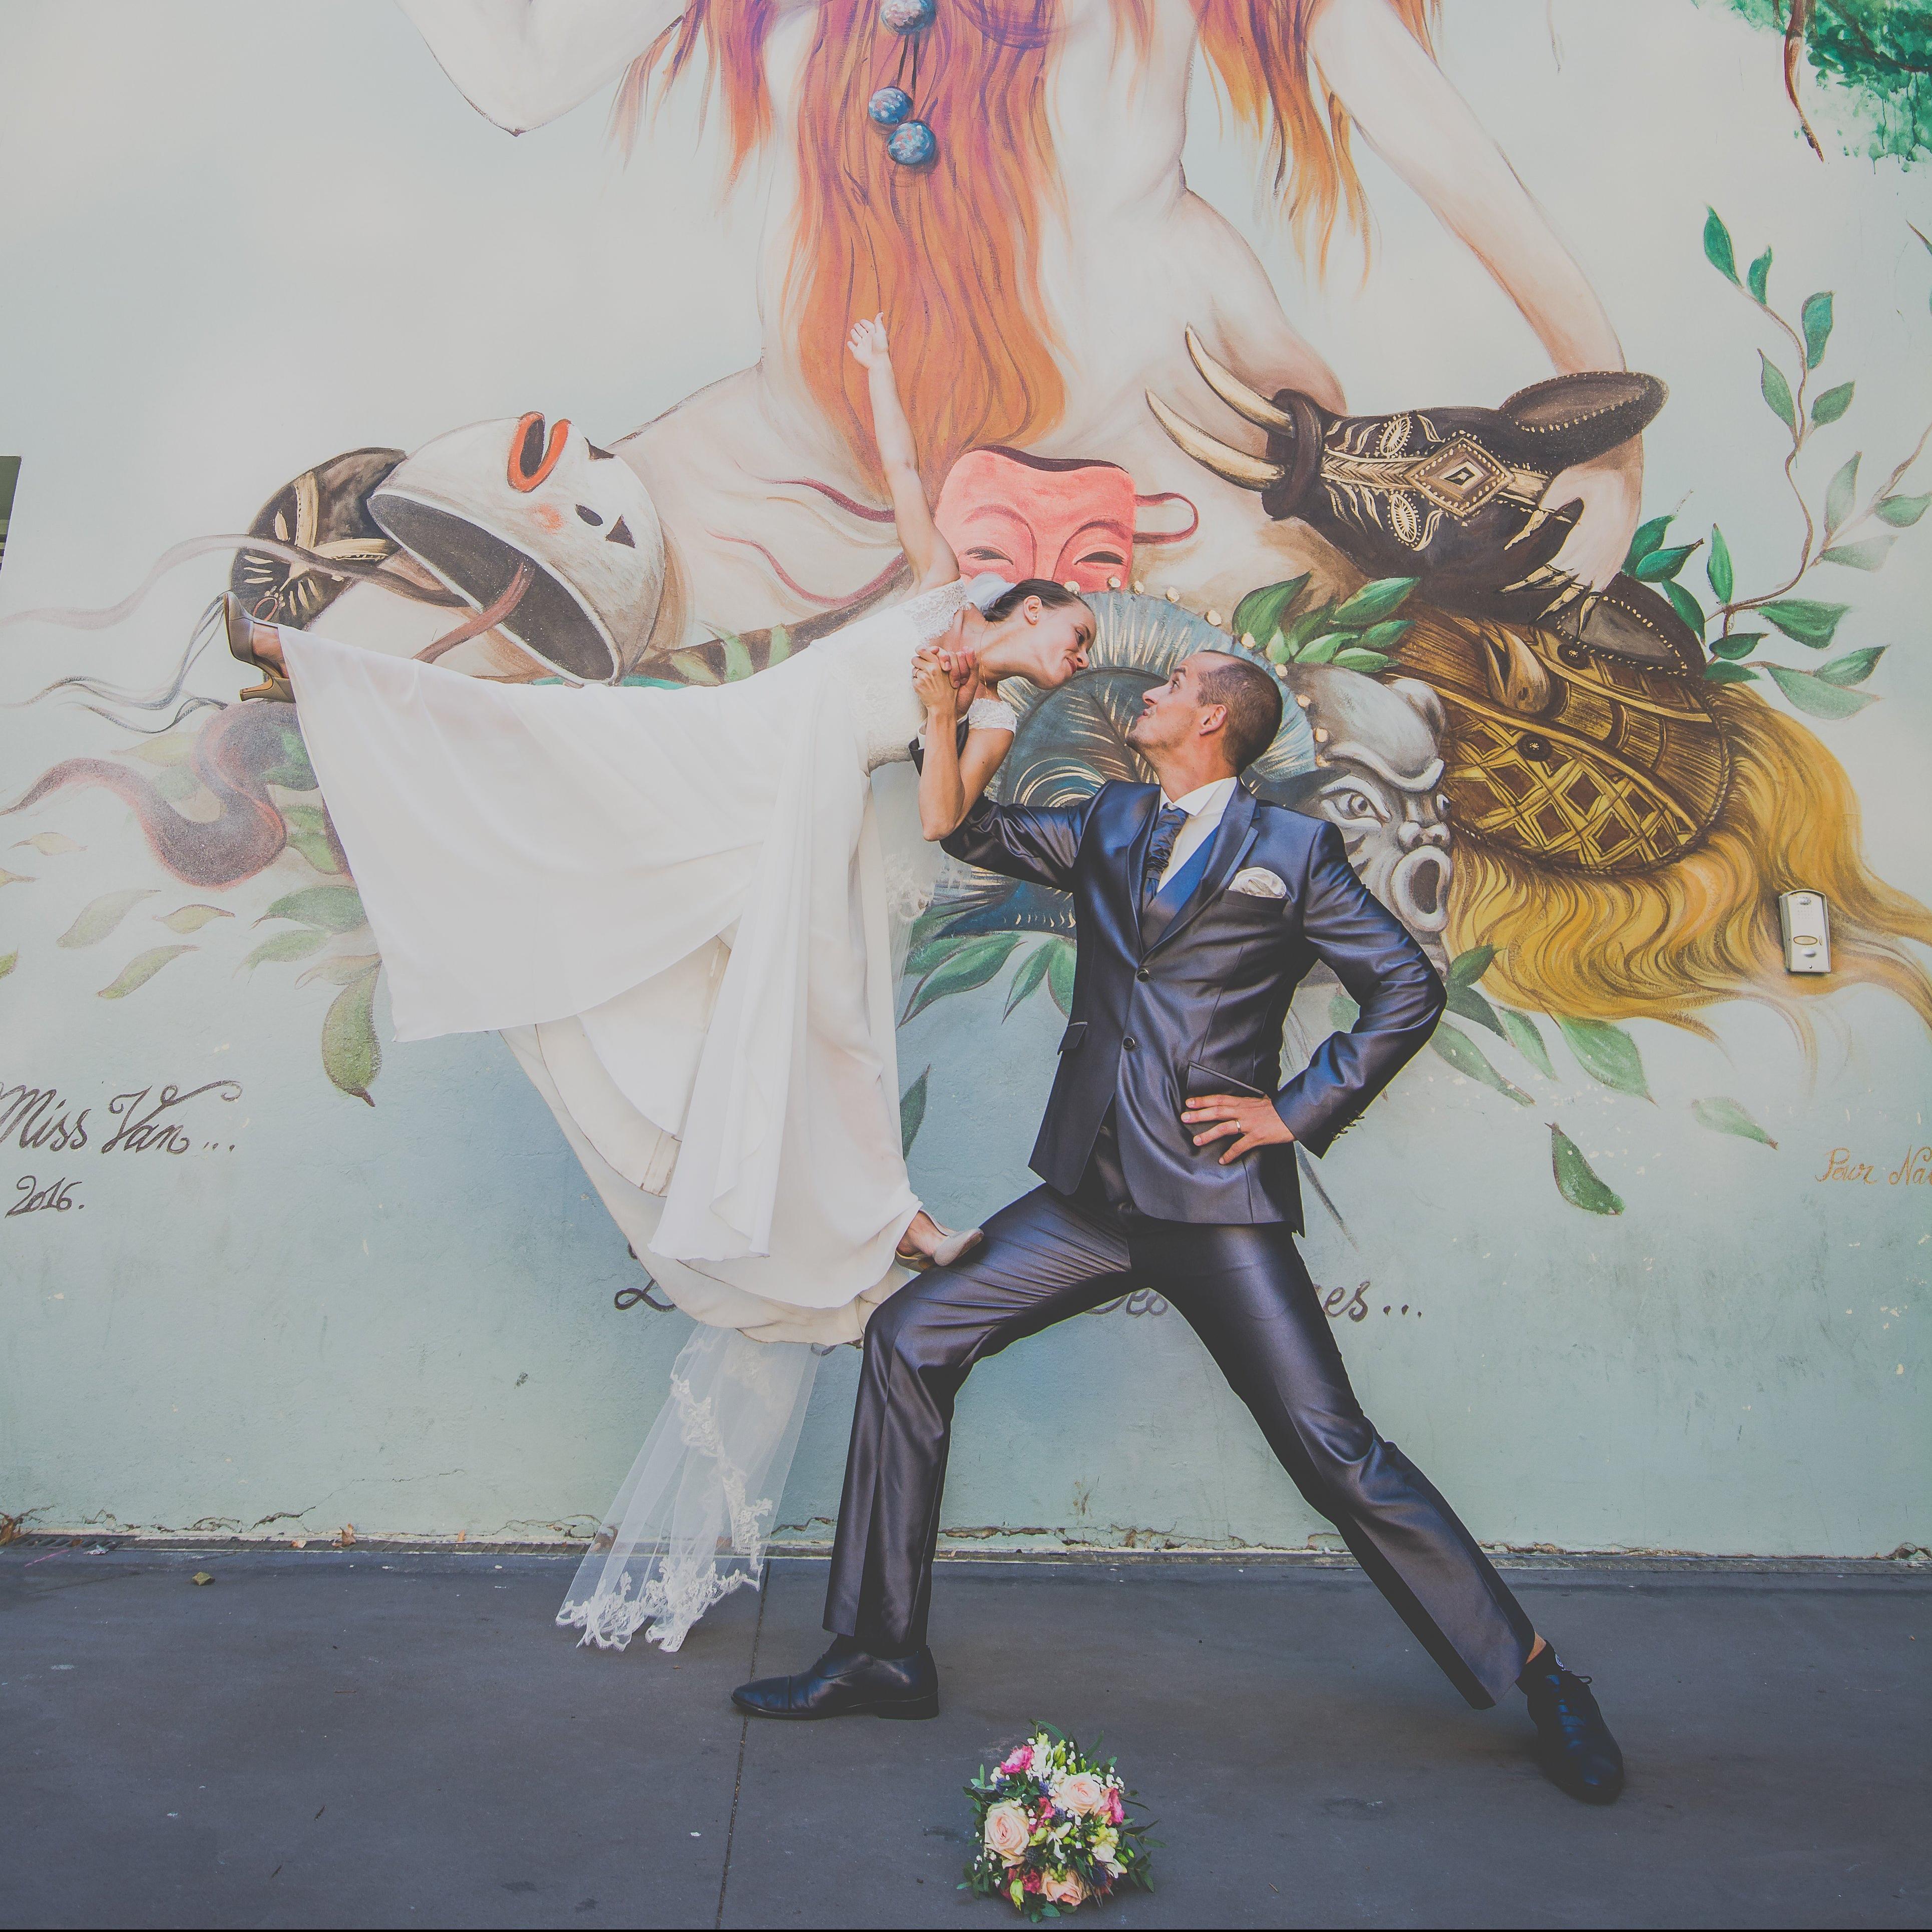 Un Mariage artistique dans les rues de Toulouse – Trezors Photography